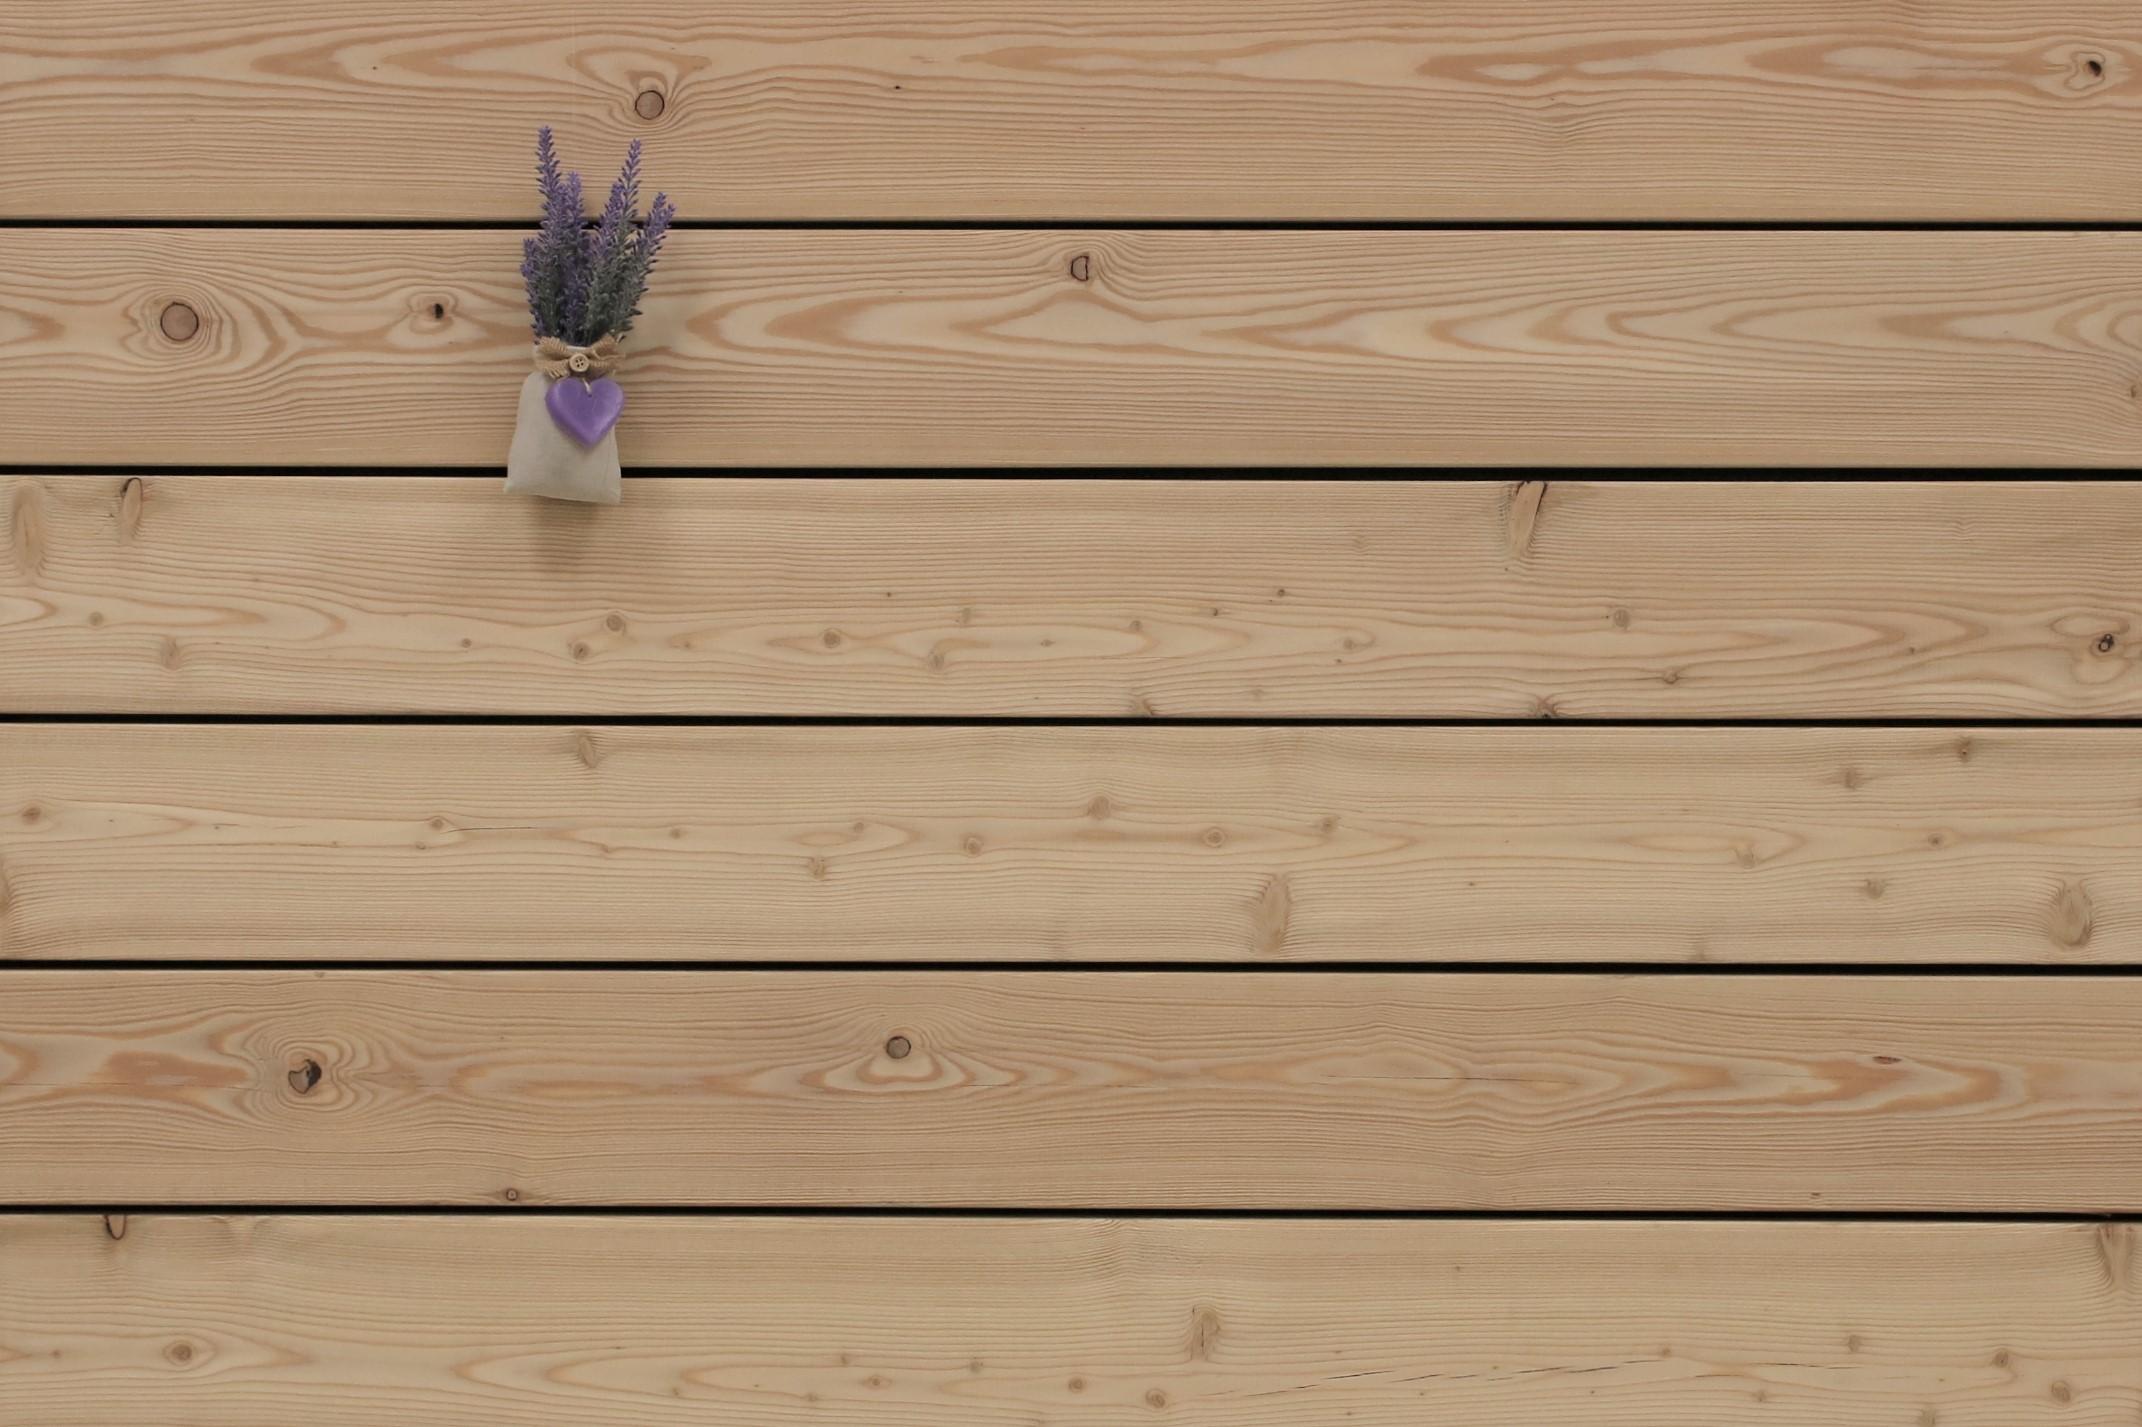 Angebot des Monats, Holzterrasse Sibirische Lärche, glatt, AB Sortierung, 26 x 143 bis 6000 mm Dielen, Holz Bretter für die Terrasse, 6,90 €/lfm